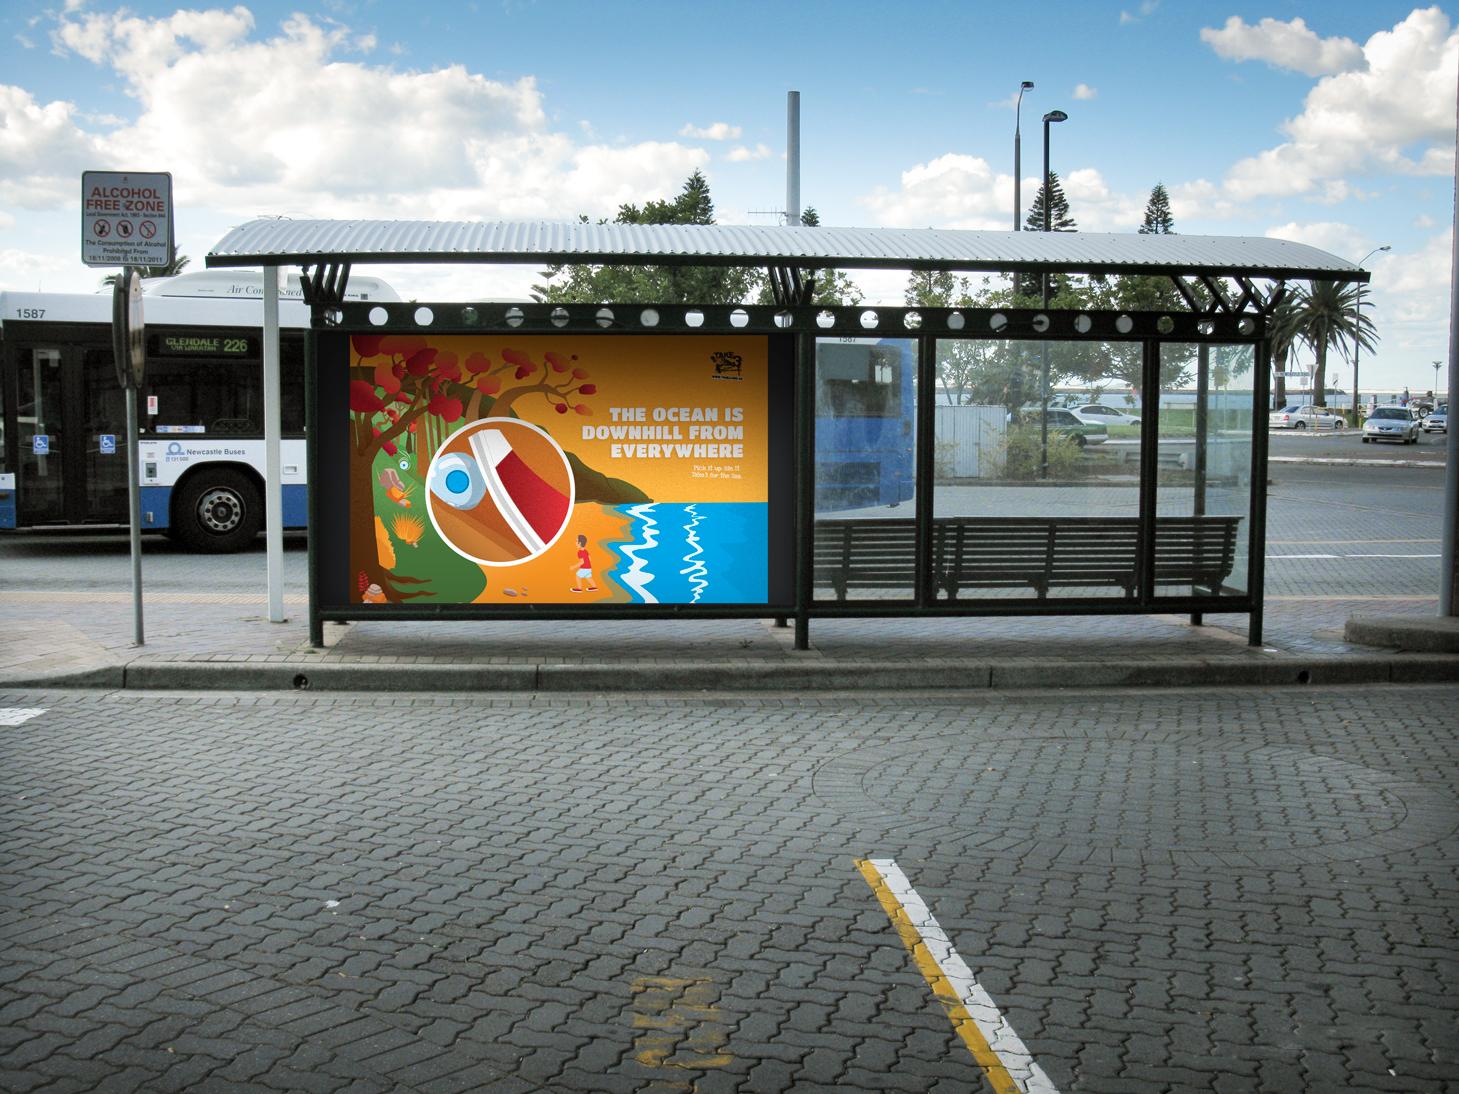 BusShelterBillboard_Unflattened.jpg